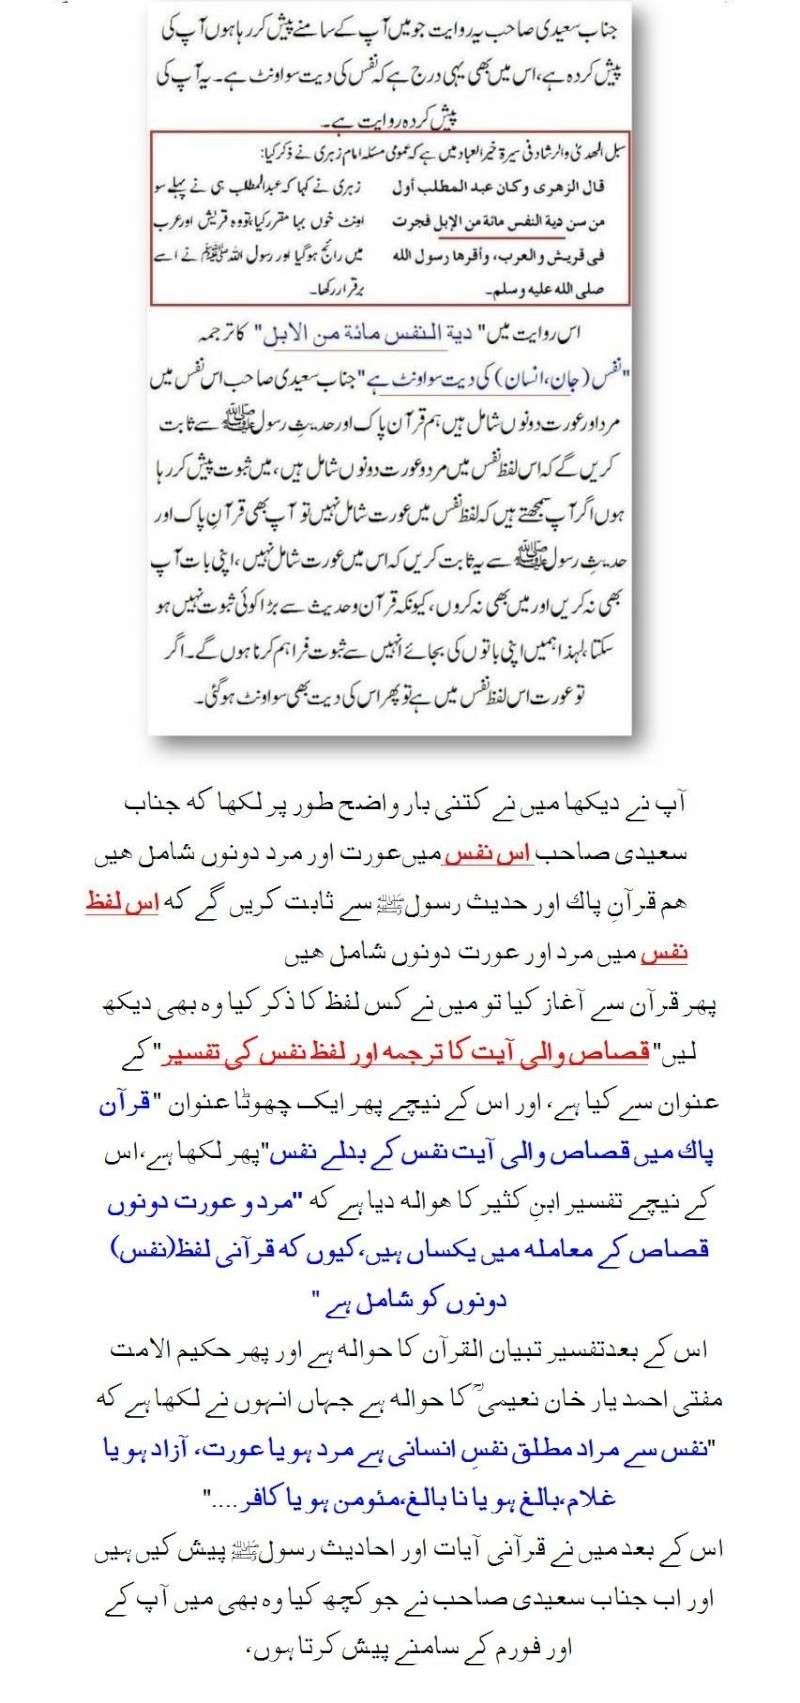 دیت کی جعلی فتوی فیکٹری پر منہاج القرآن کی فتح کا جھنڈا - Page 2 Post_214